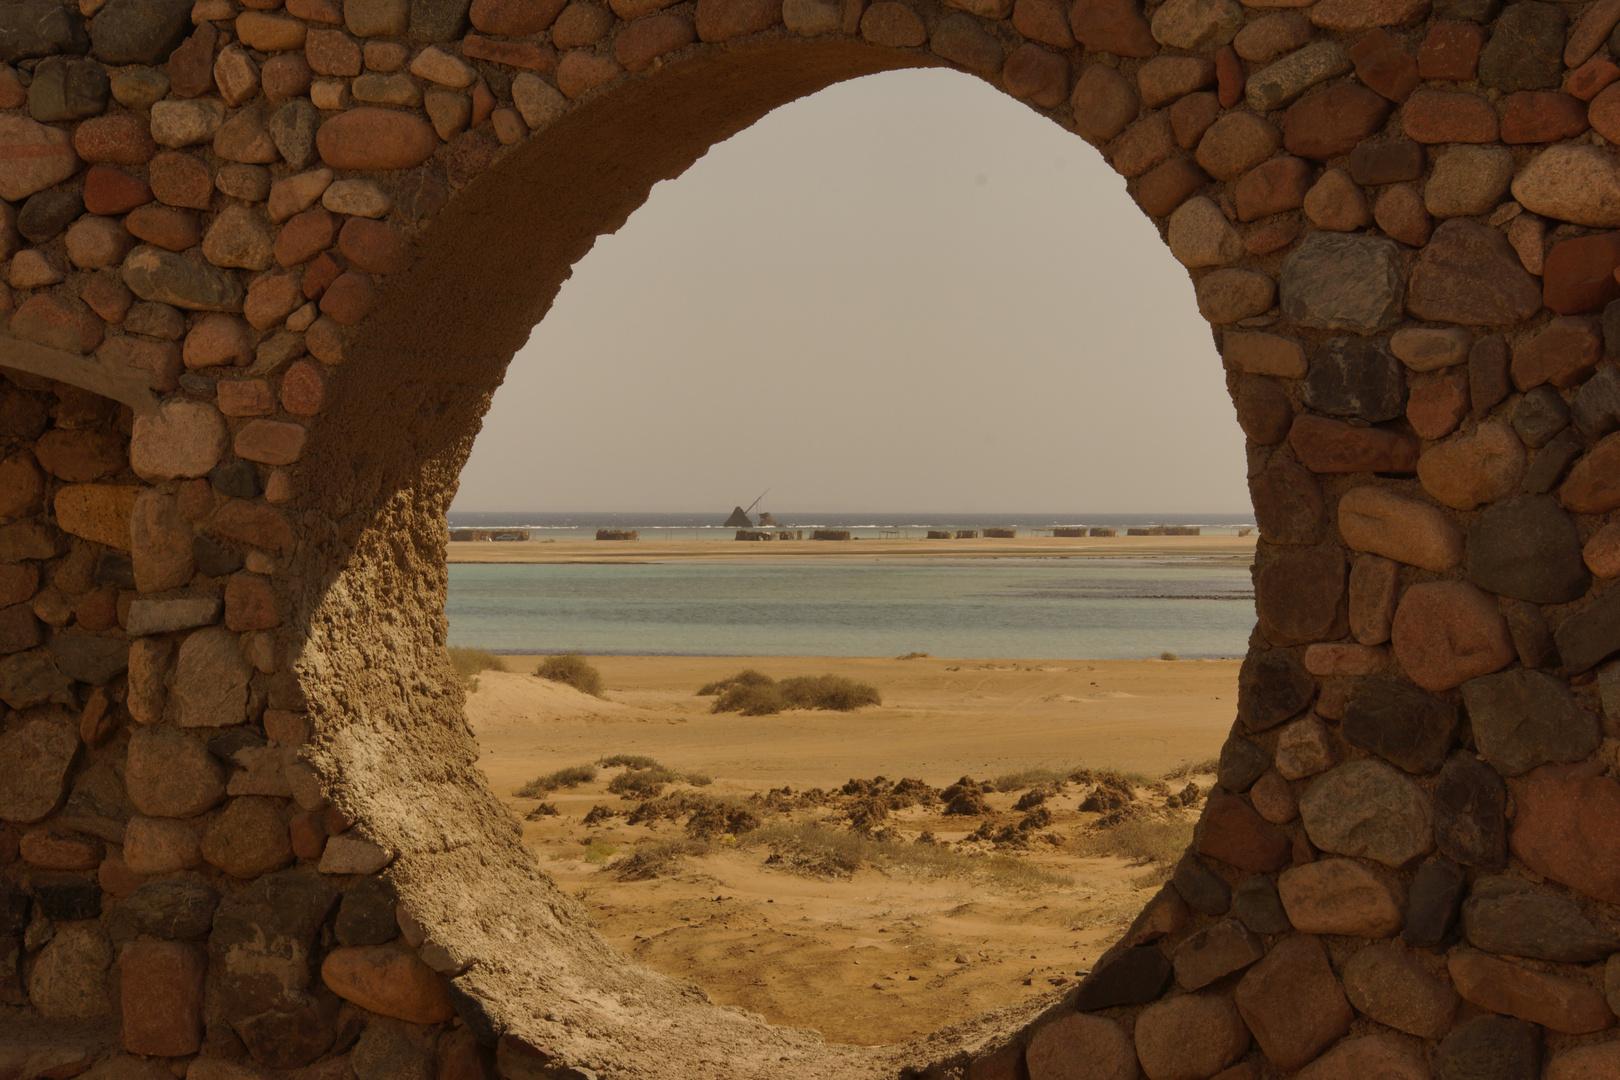 Naturschutzgebiet Nabq 2013